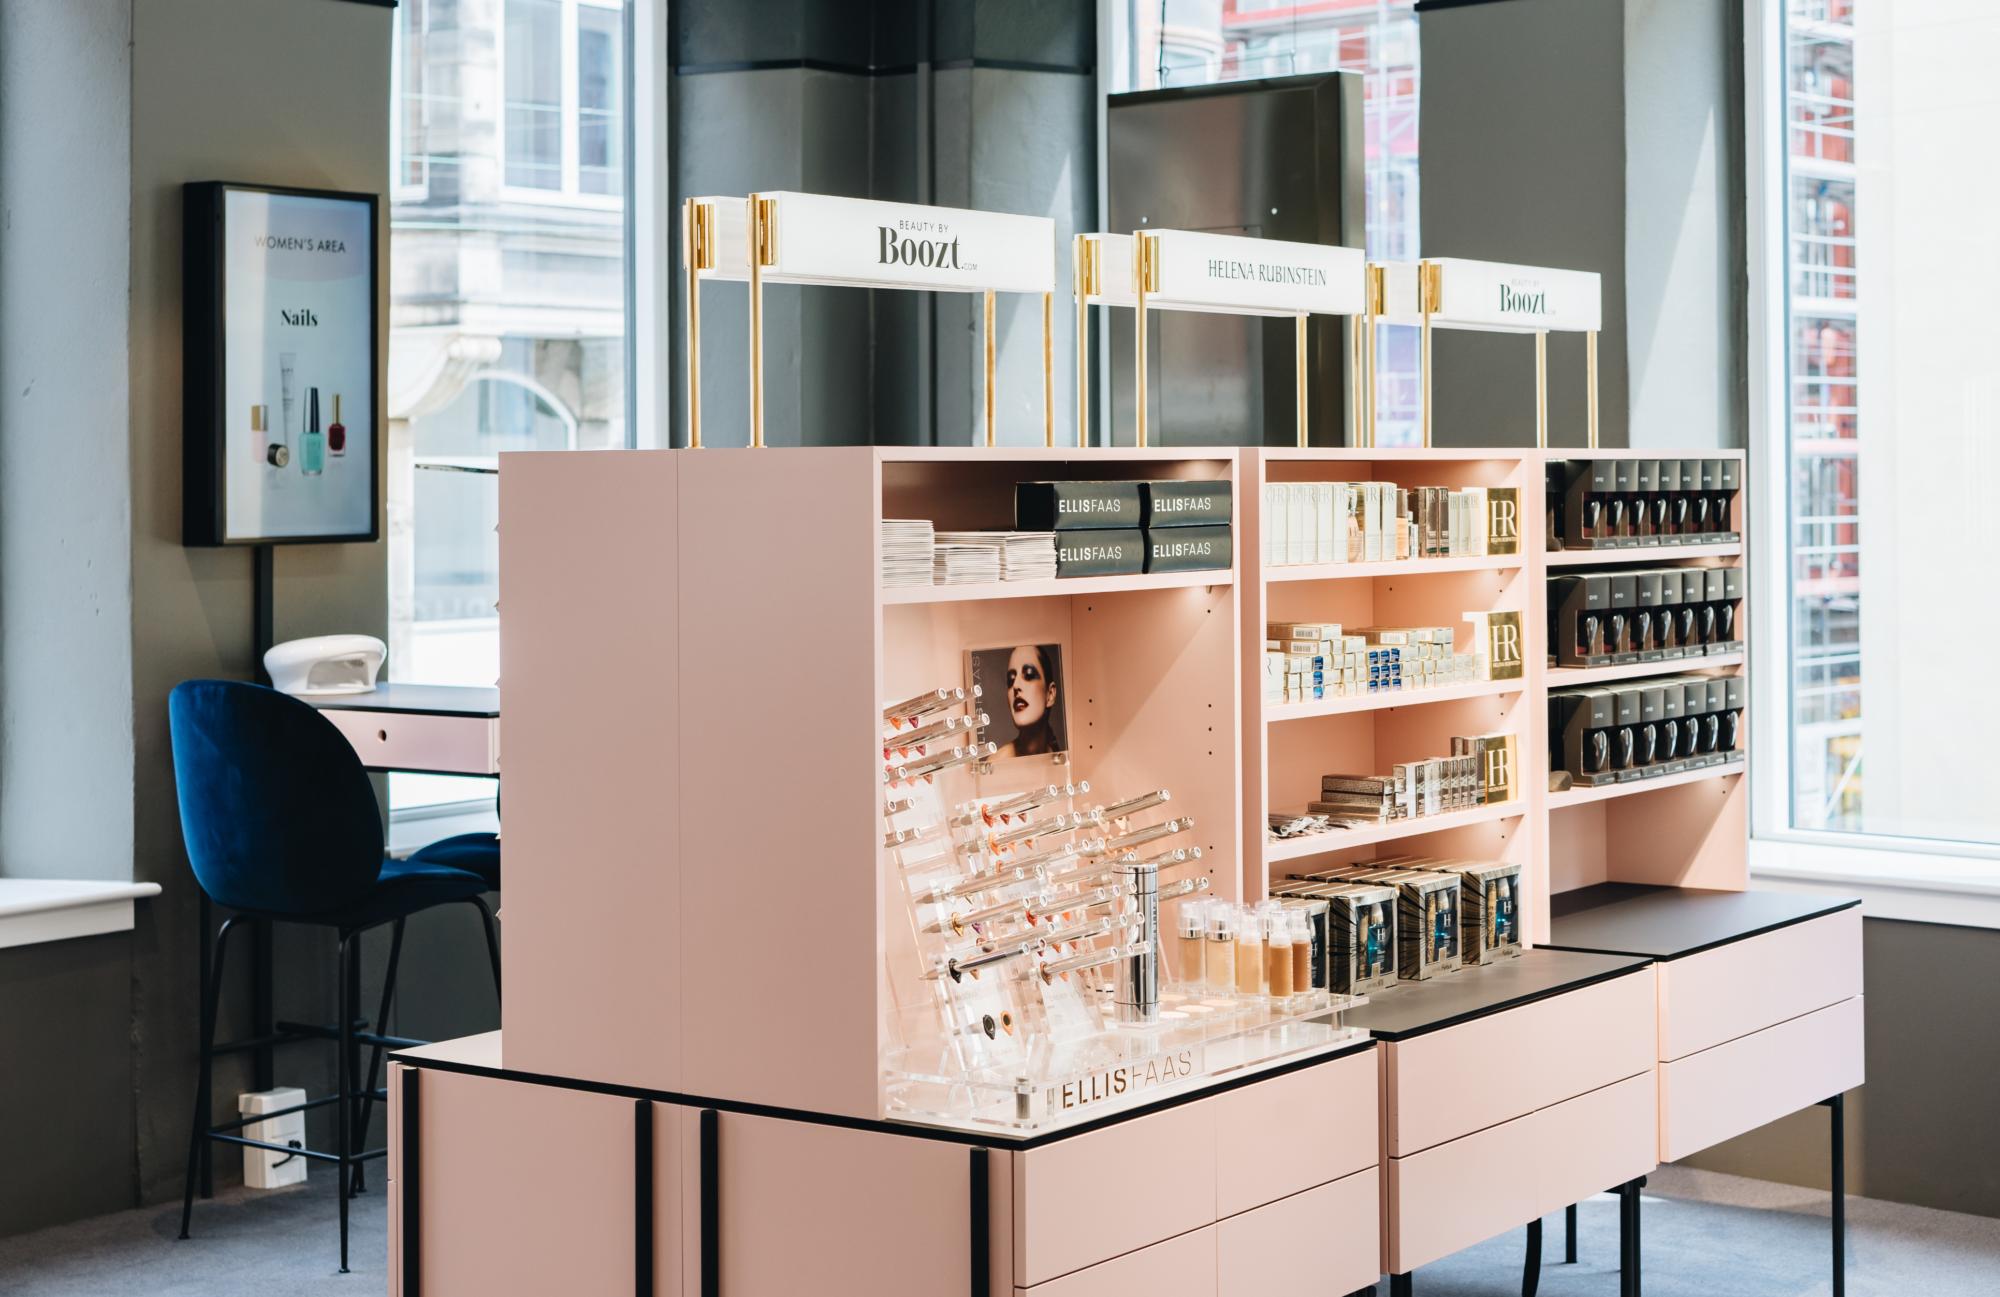 Boozt-butik i København tynger i nyt regnskab